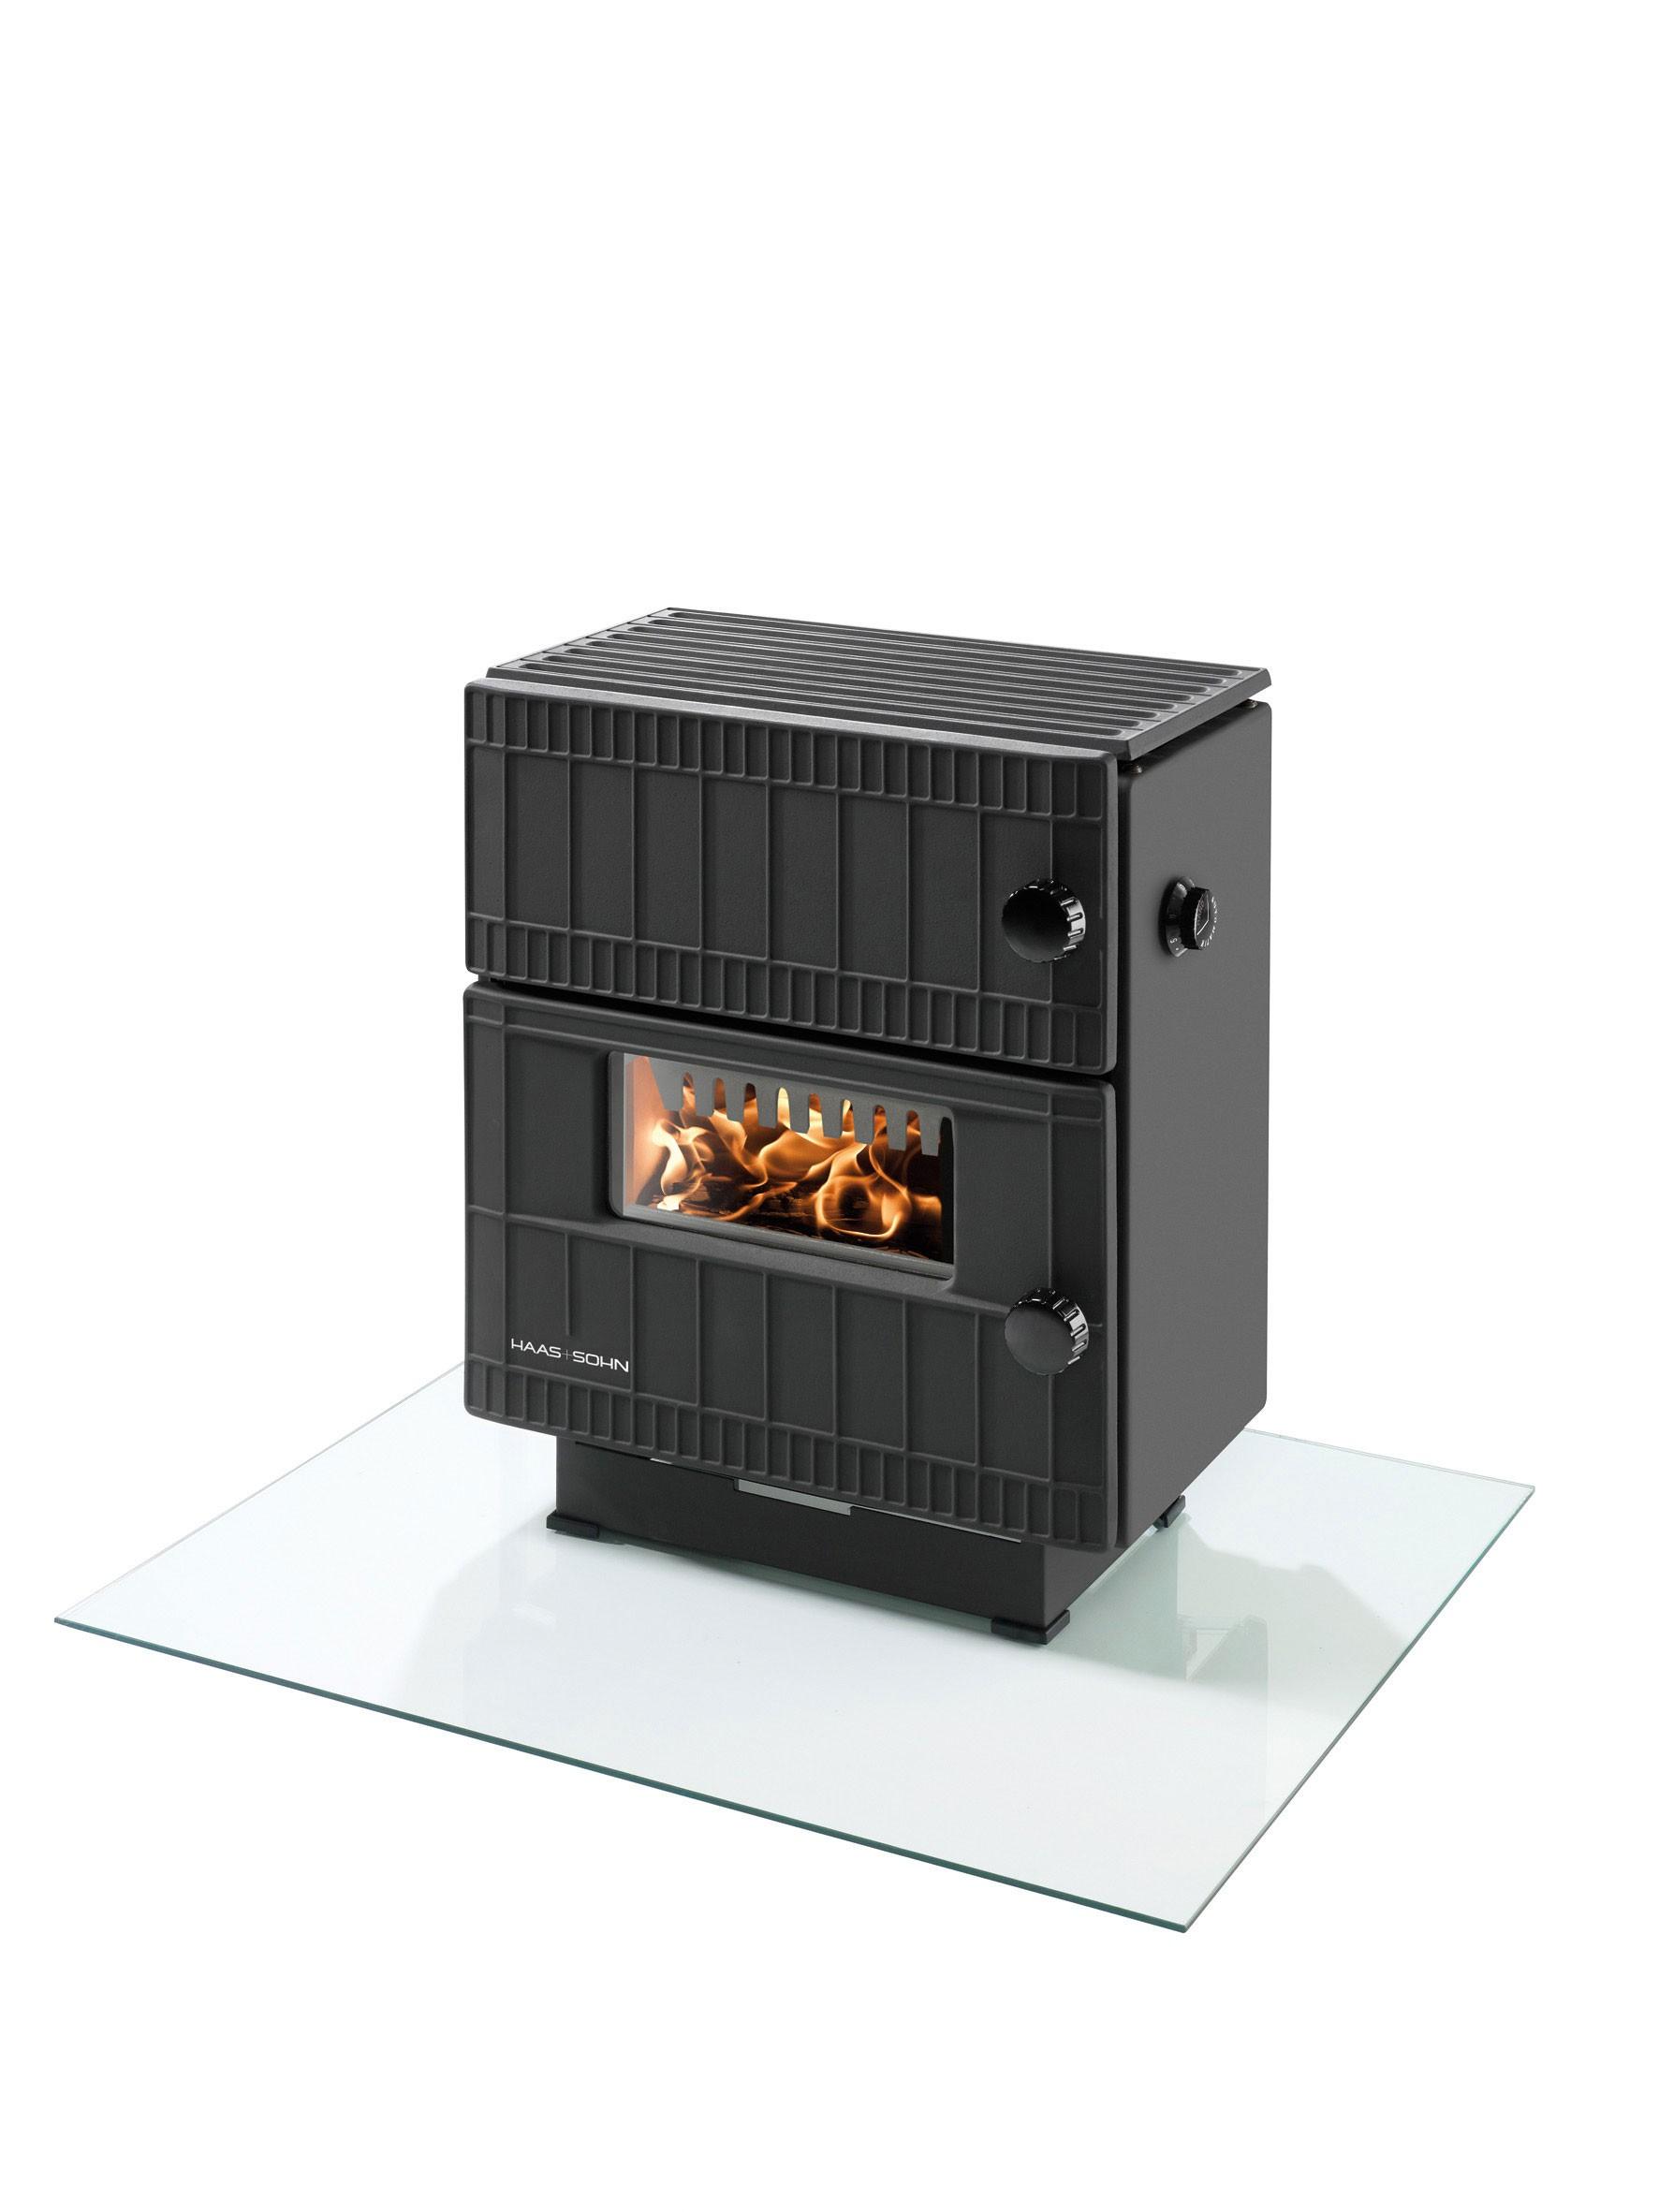 Dauerbrandofen / Kohleofen Haas+Sohn Bernau 130.10 schwarz 4,5kW Bild 1